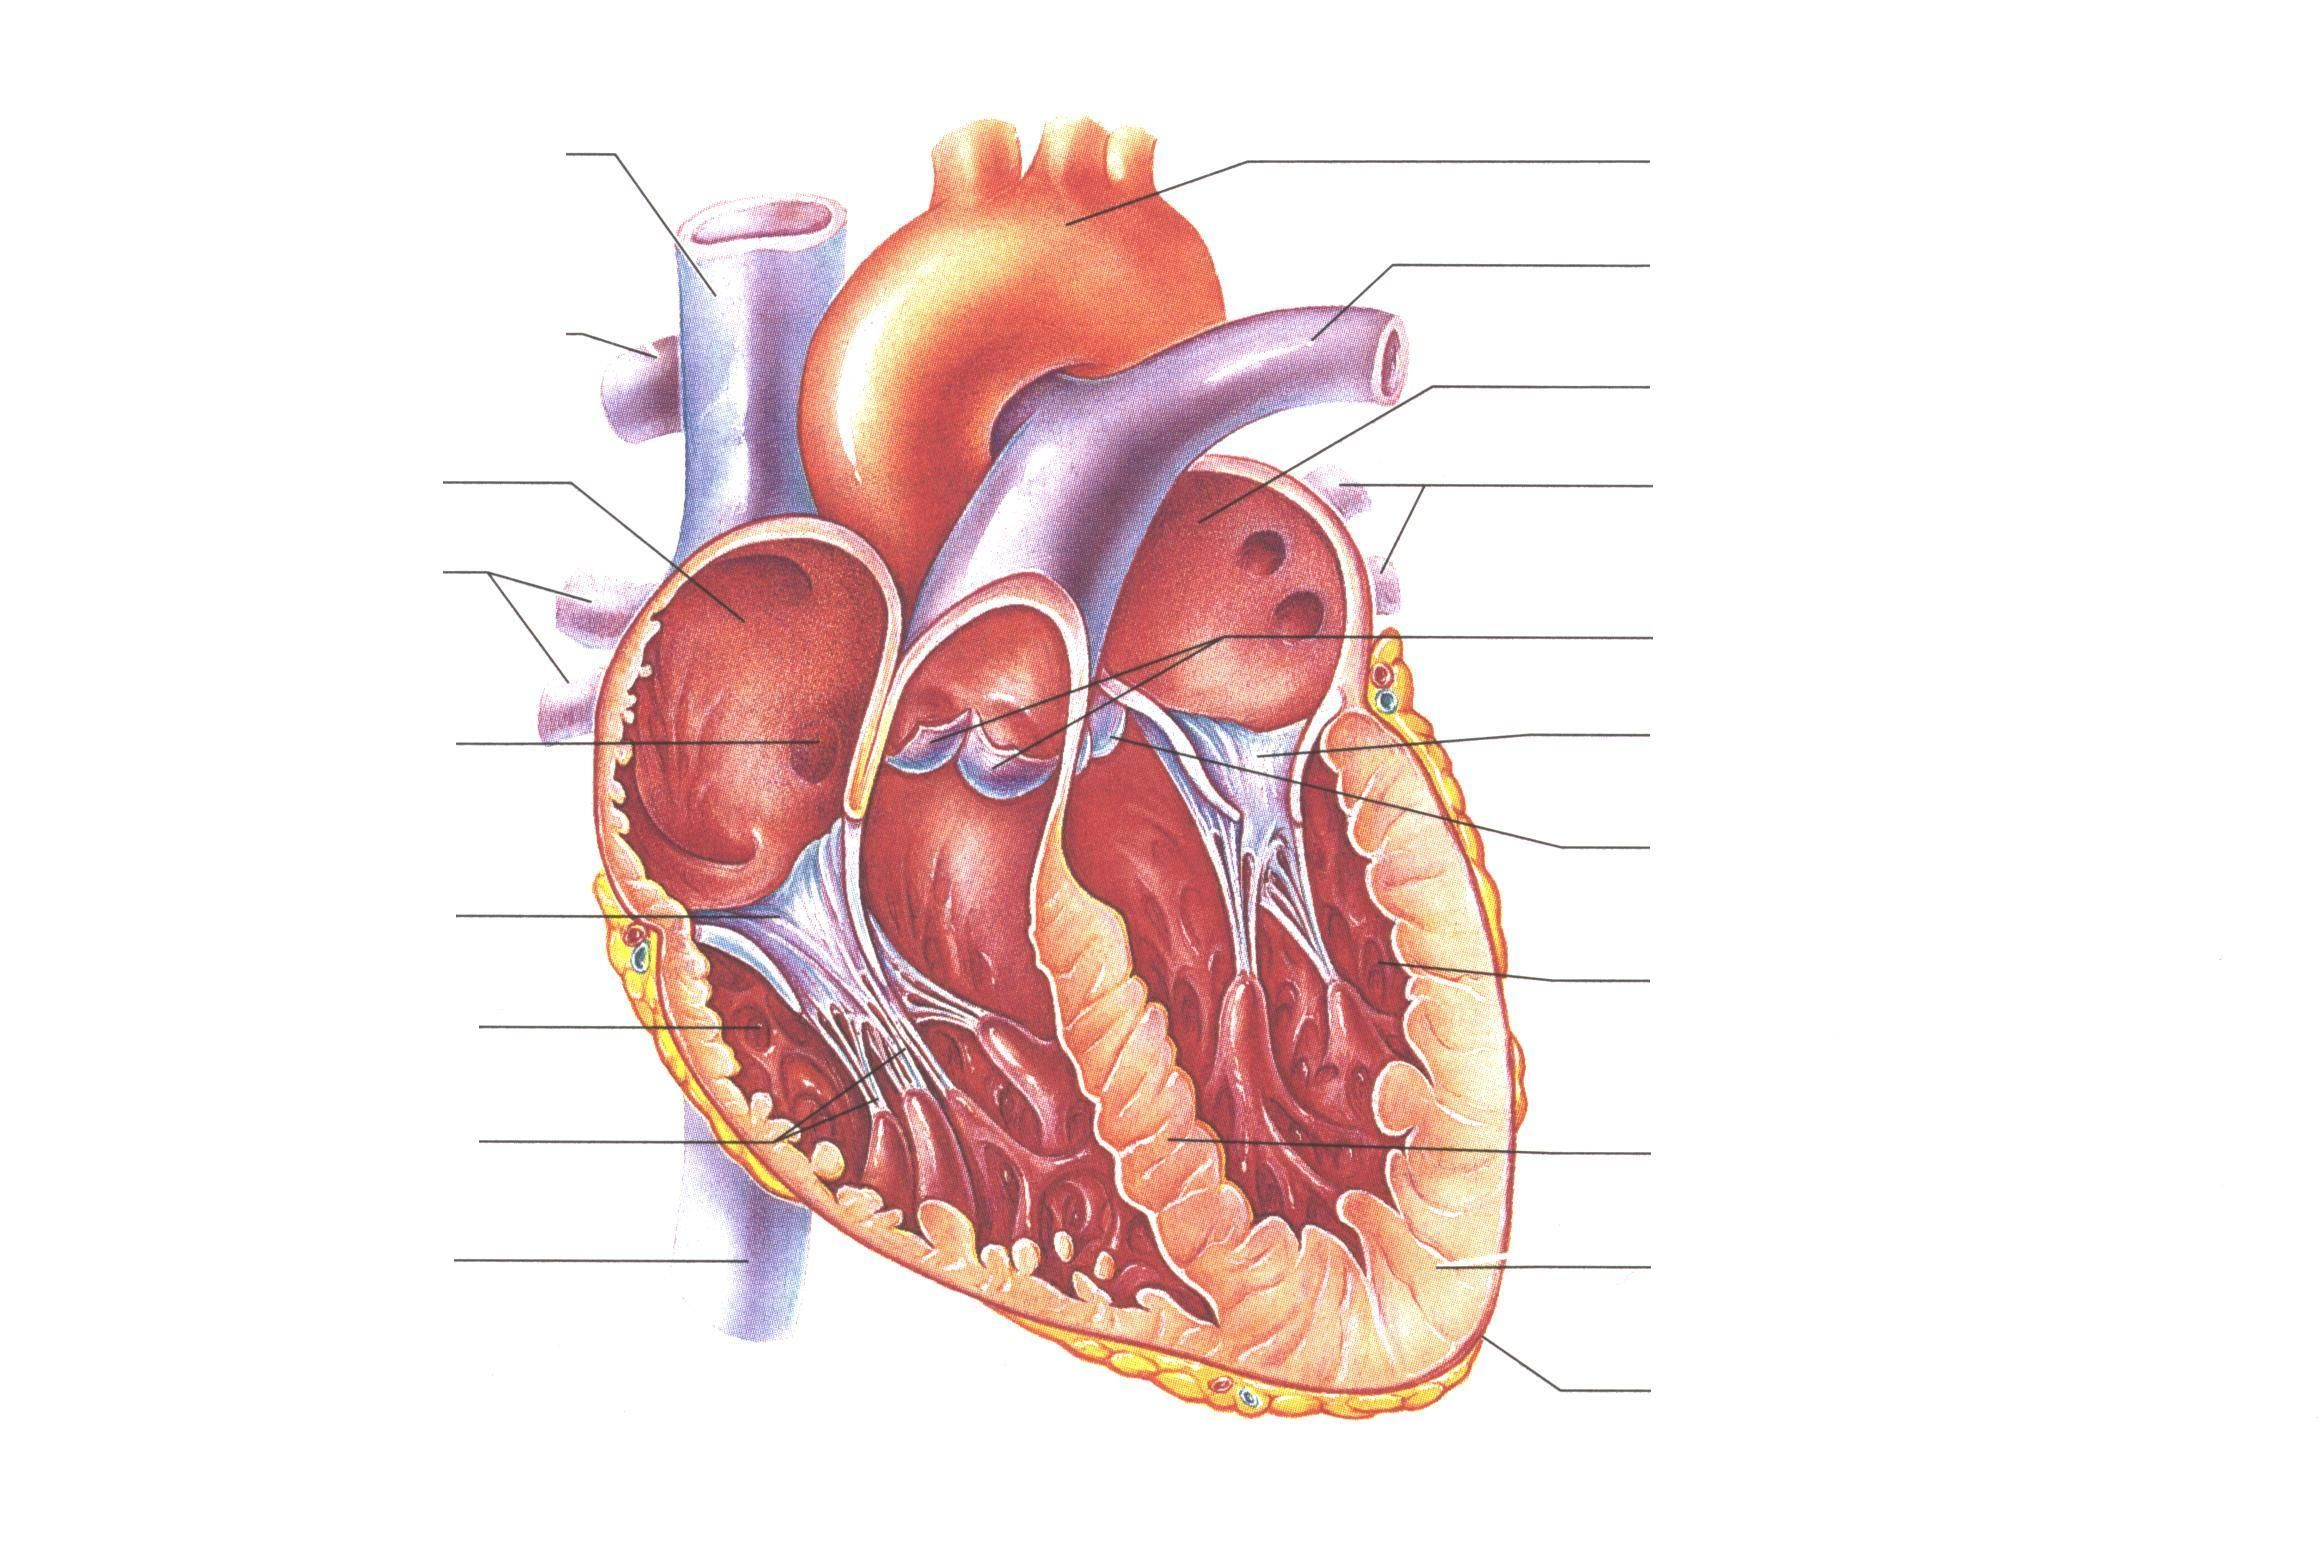 c46779fb97756cd01260a06f828966b2 heart diagram blank wiring diagram